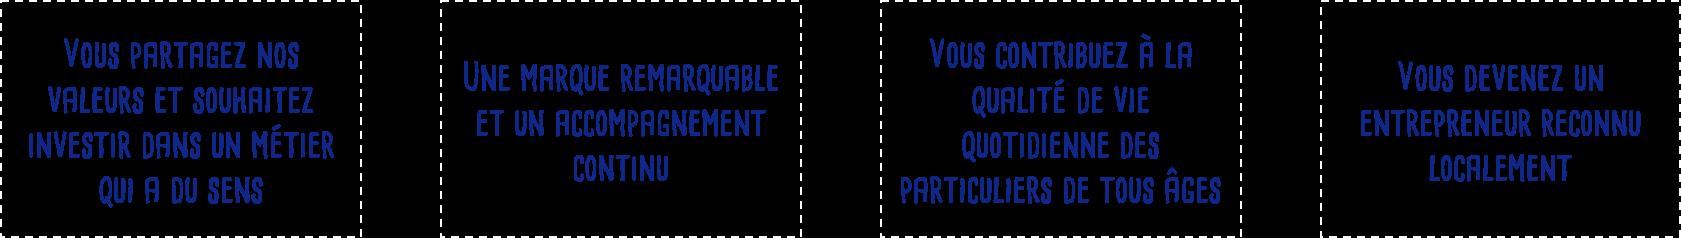 Article forum franchise V3